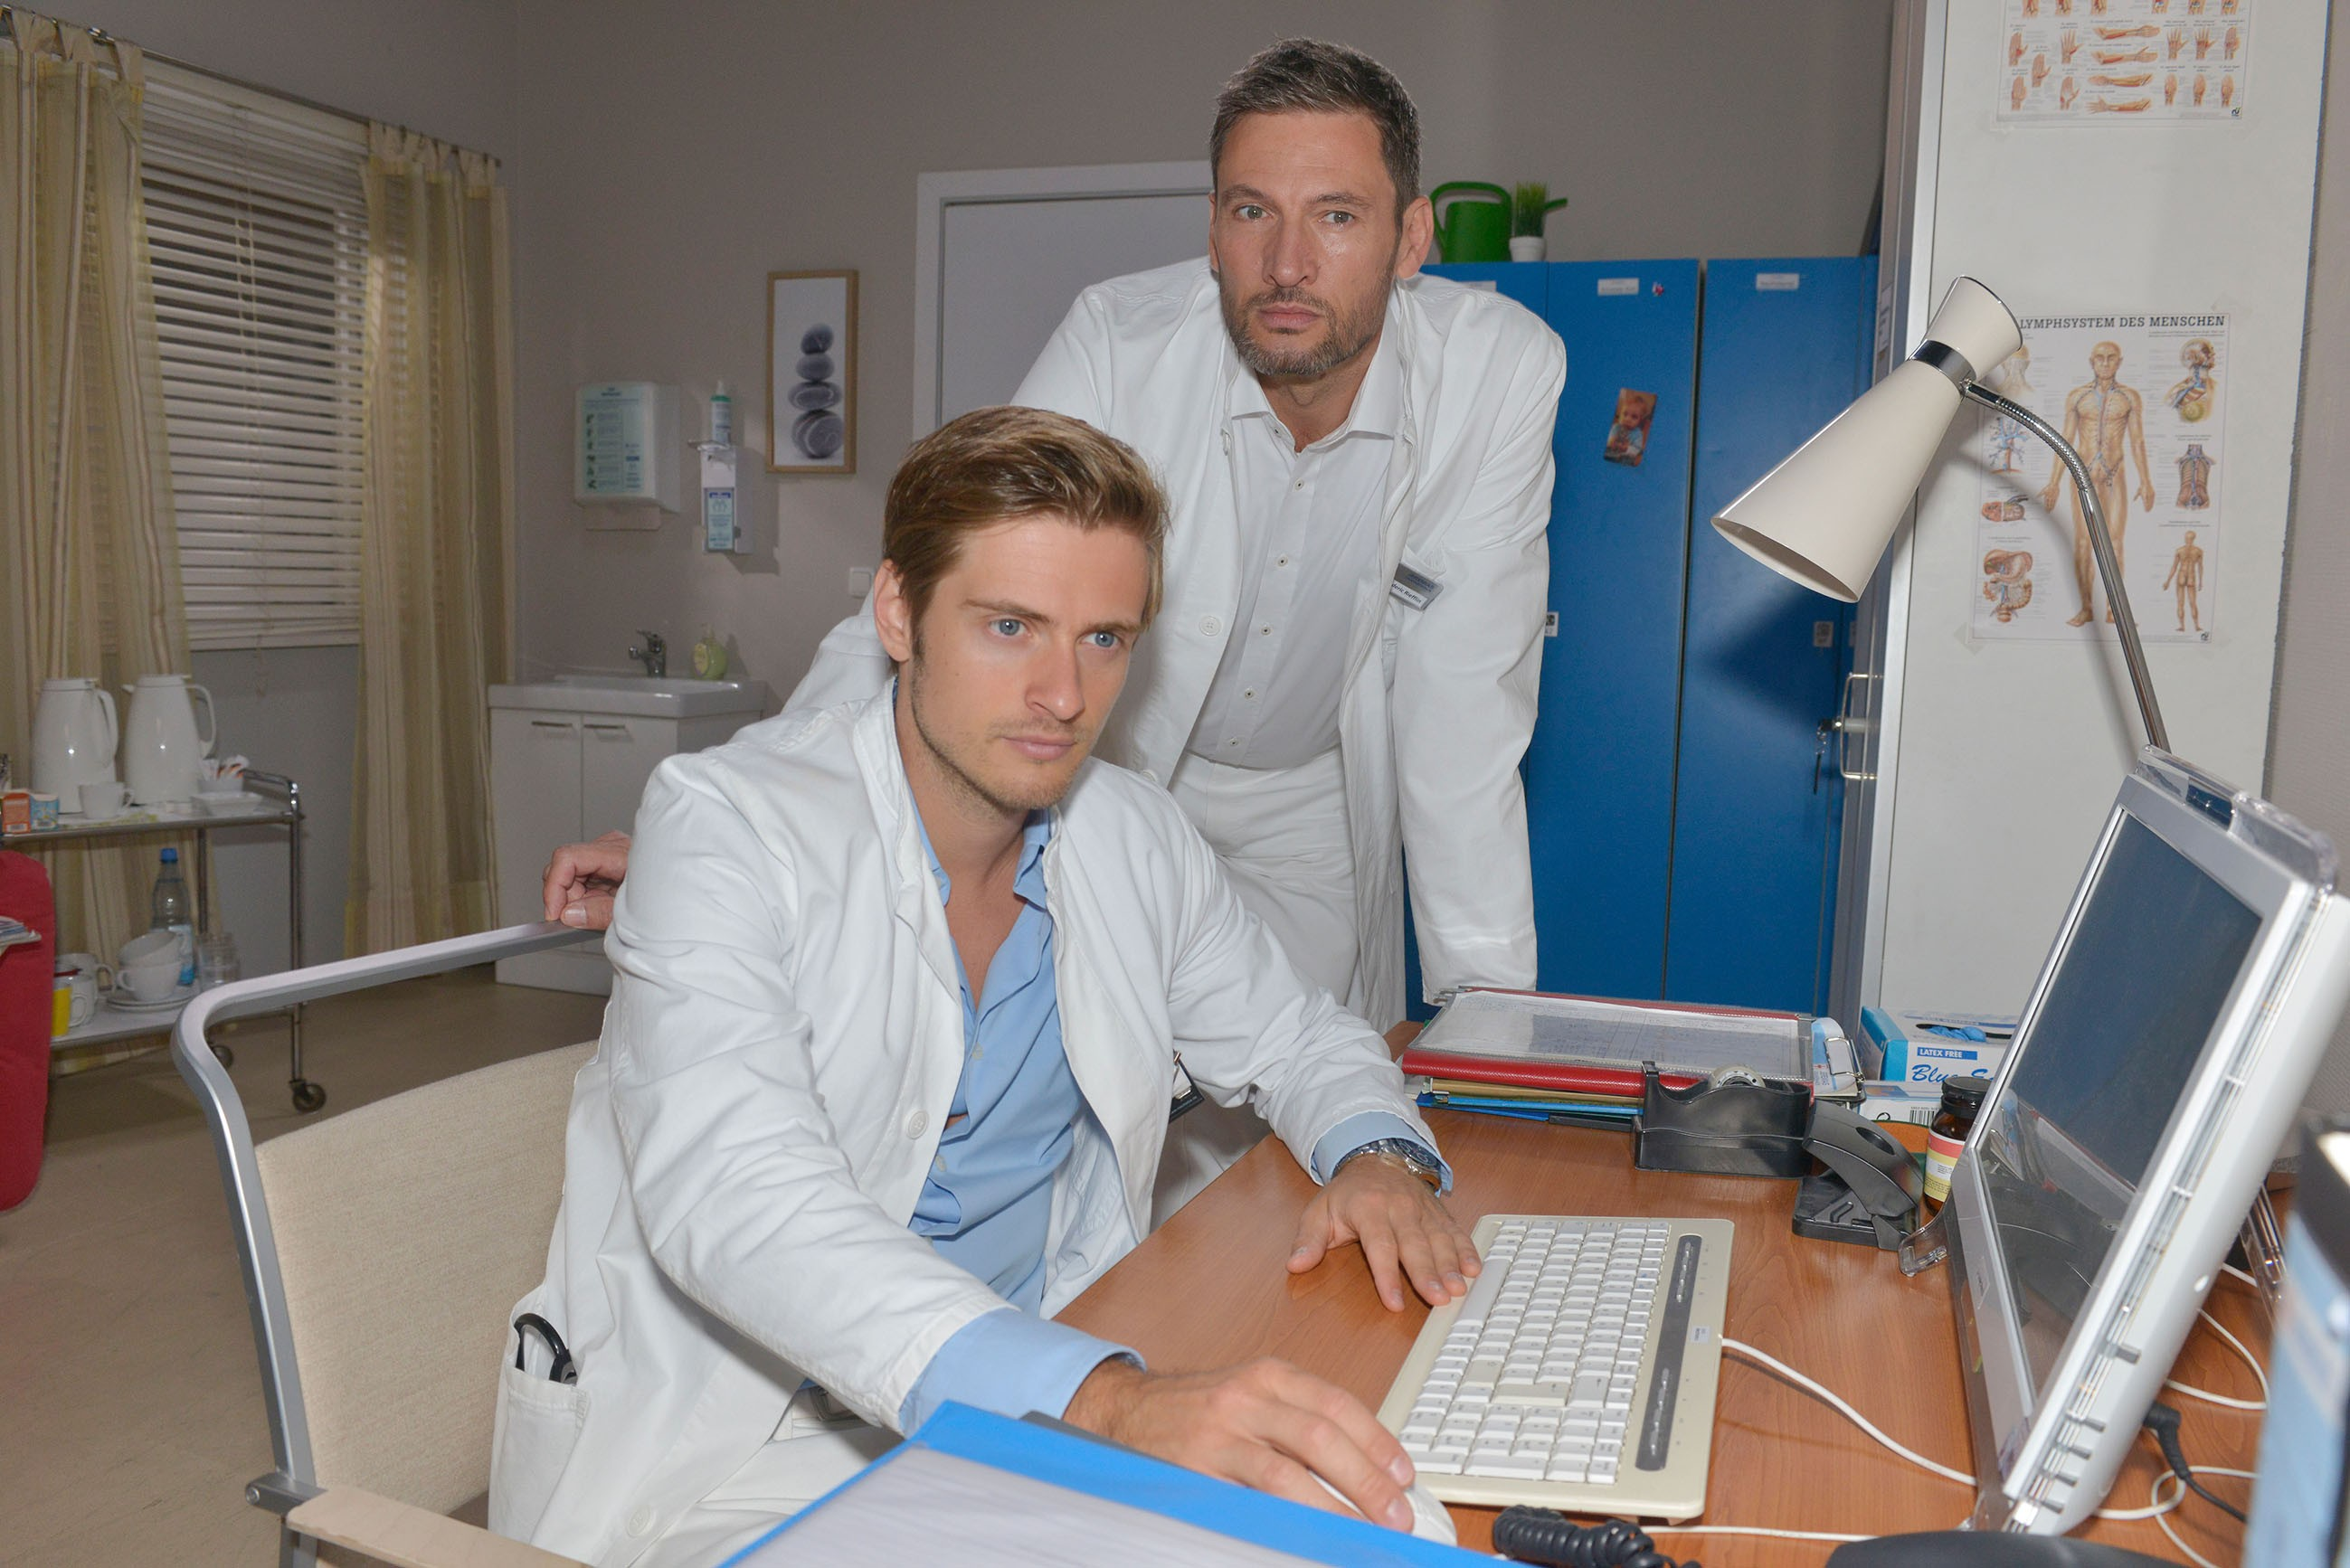 Philip (Jörn Schlönvoigt, l.) stürzt sich mit seinem Kollegen Frederic (Dieter Bach) in die Arbeit, um sich von seinem Liebeskummer abzulenken. (Quelle: RTL / Rolf Baumgartner)